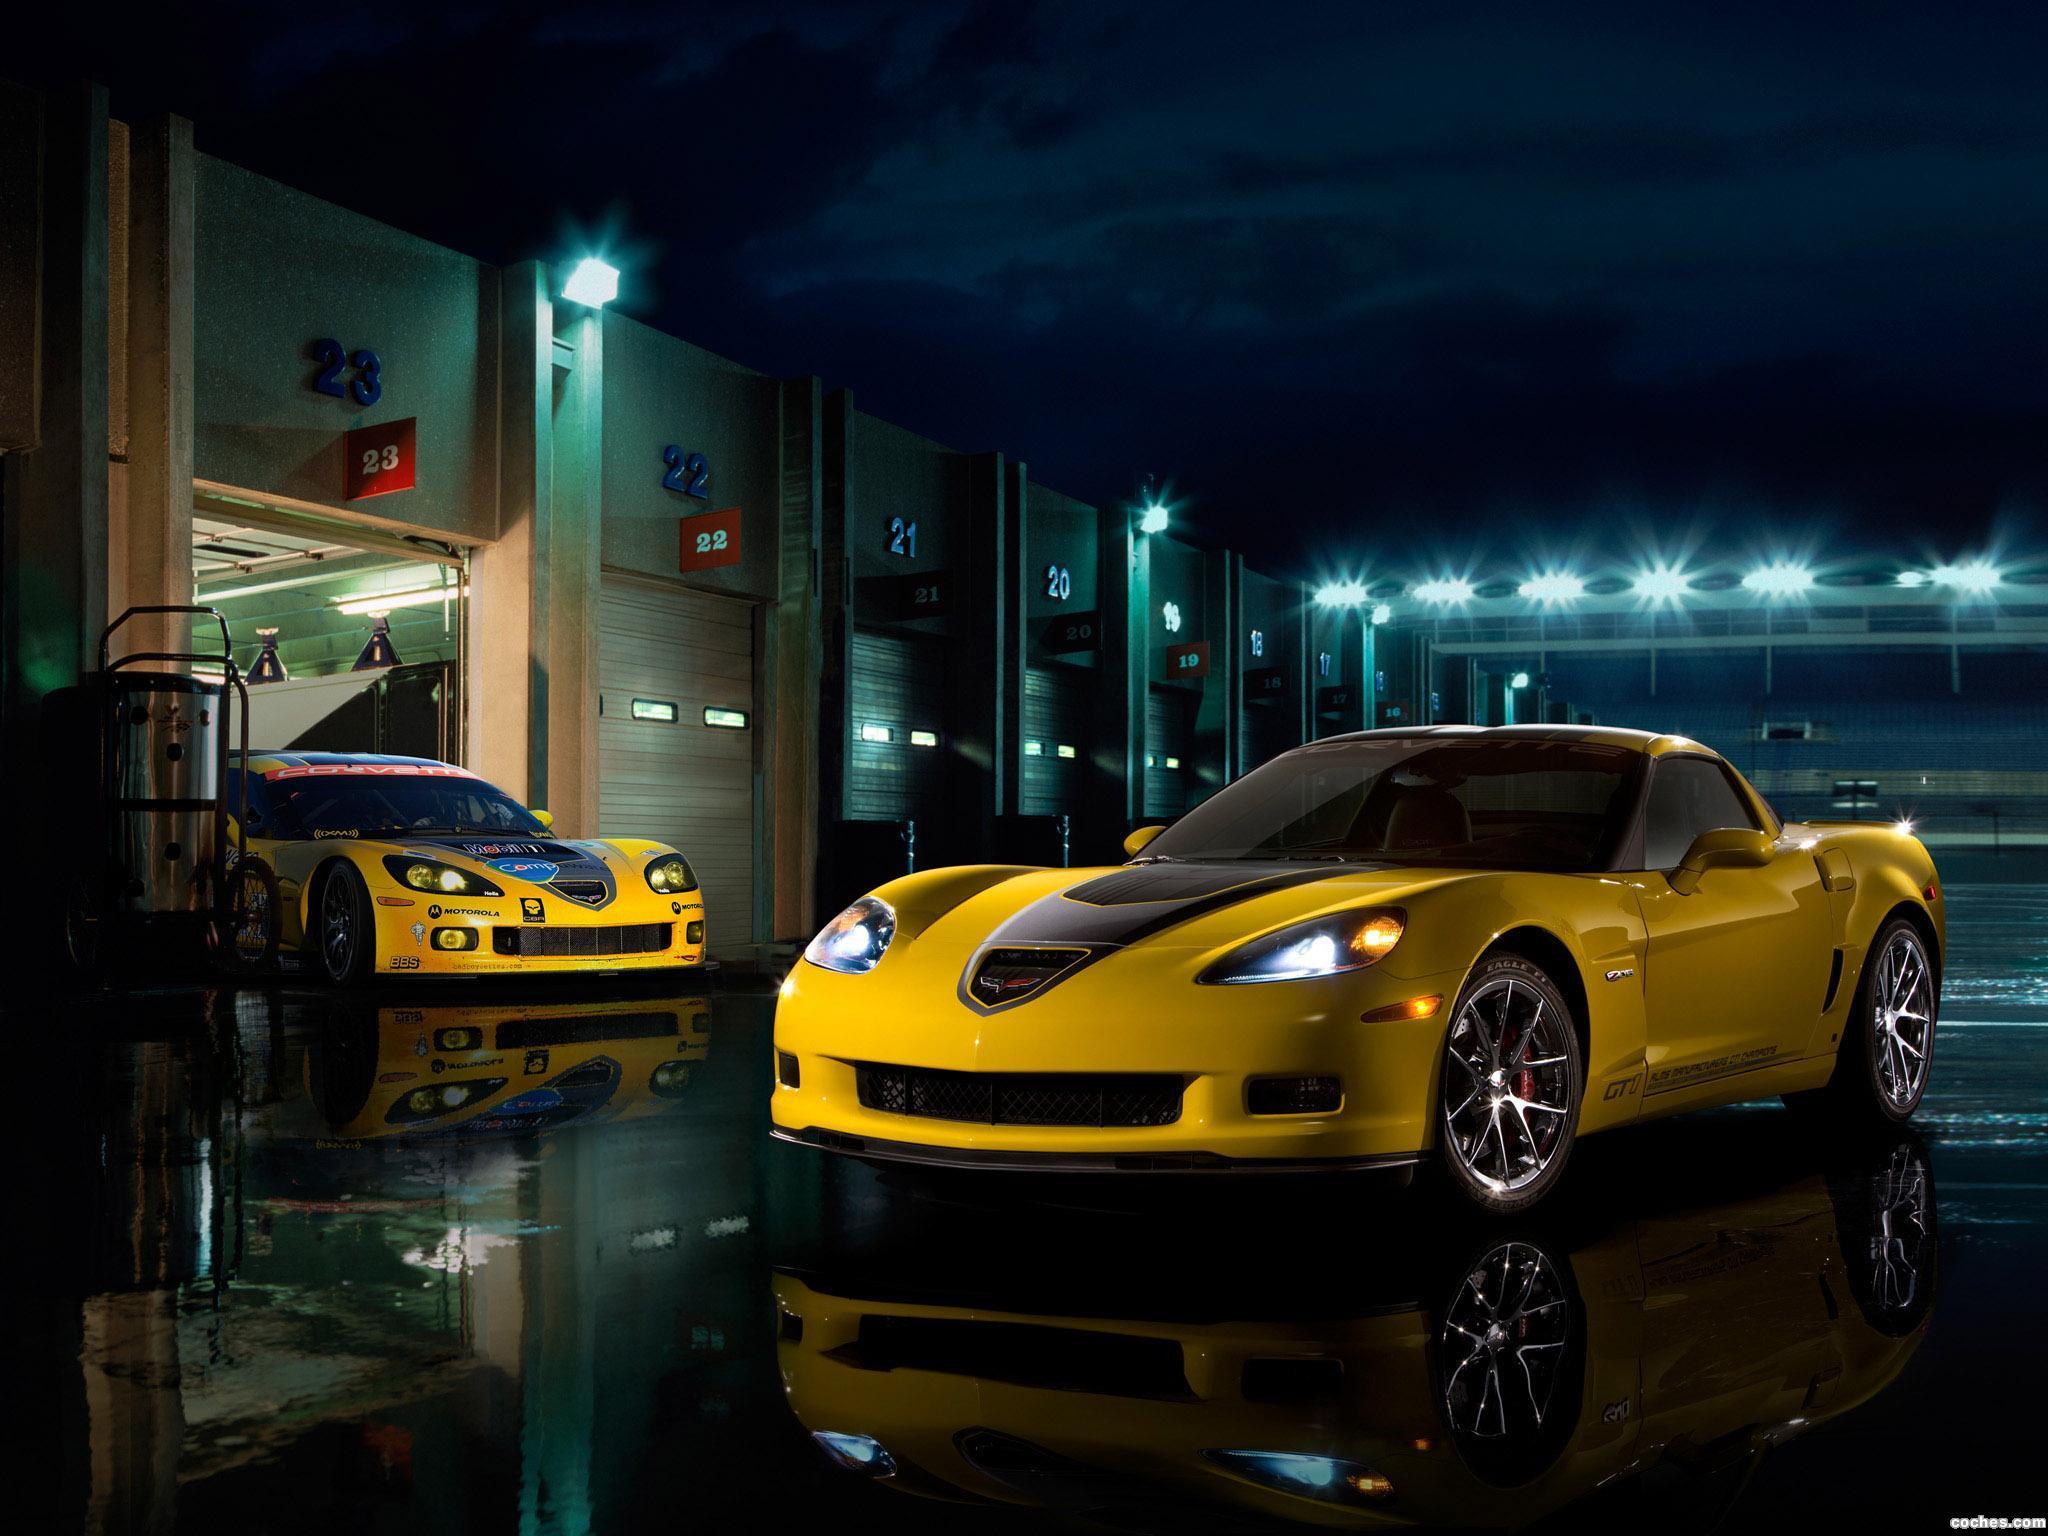 Foto 1 de Chevrolet Corvette Z06 GT1 Championship Edition C6 2009